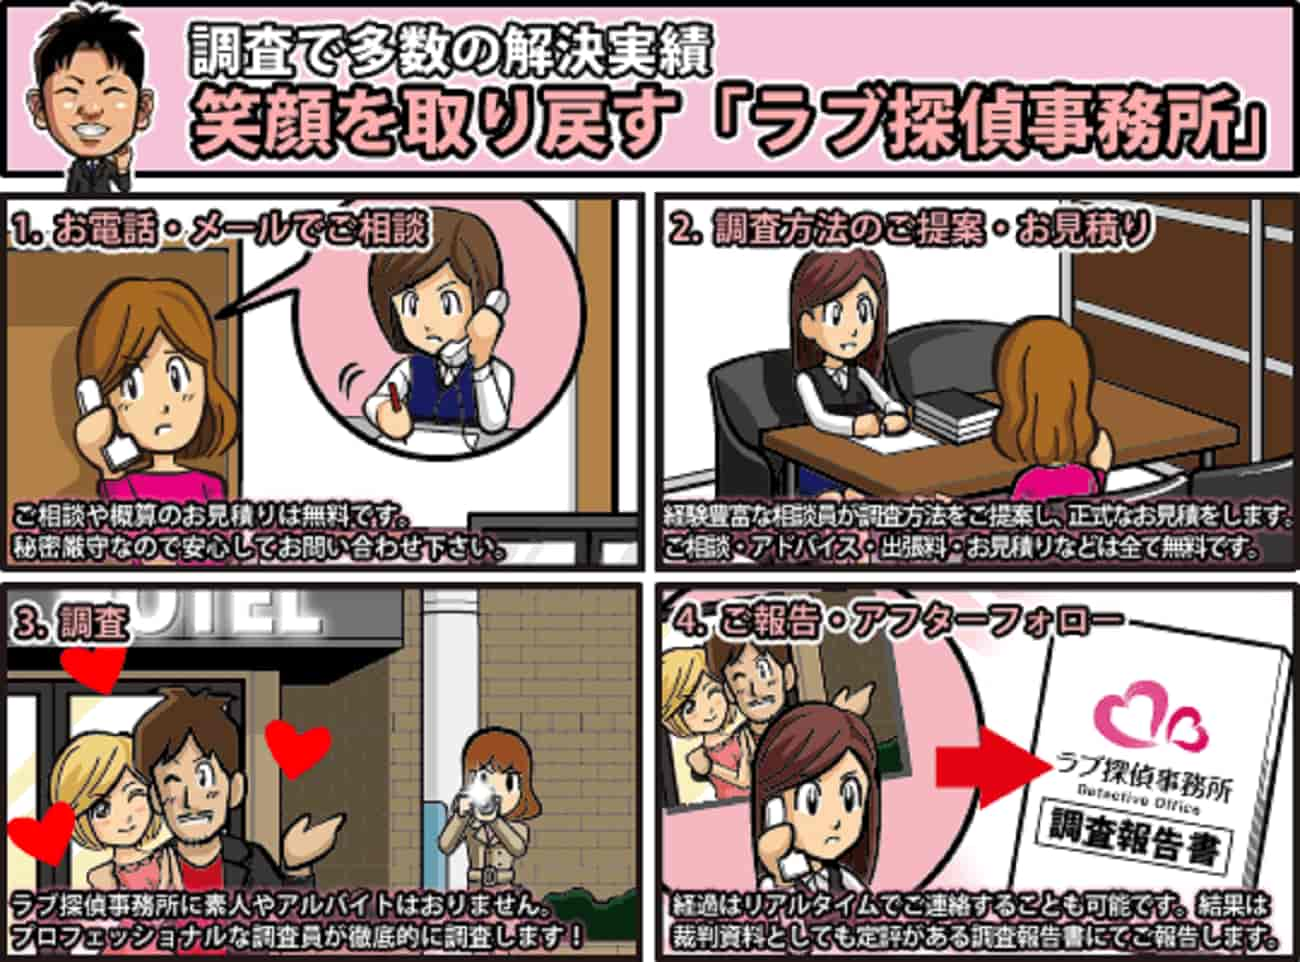 ラブ探偵事務所は千葉県香取郡東庄町の相談お見積り無料